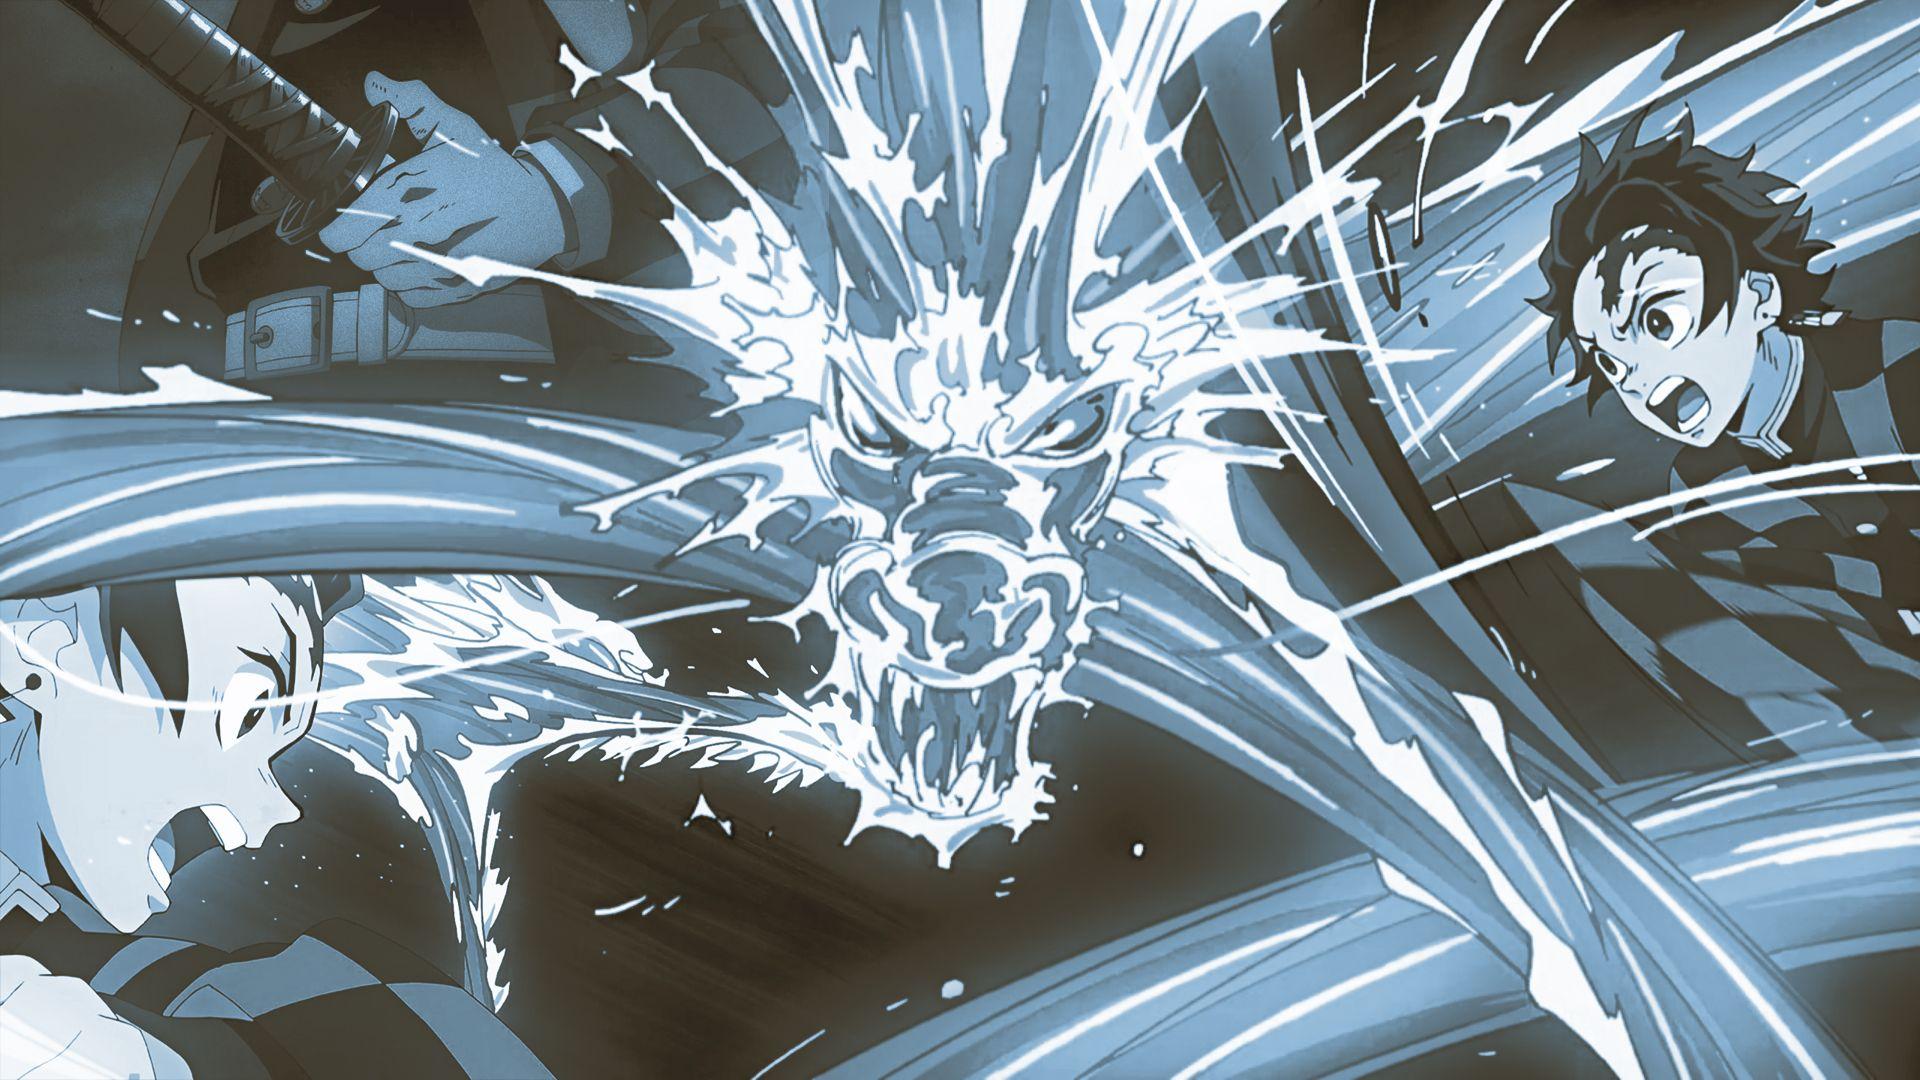 Aesthetic Demon Slayer Wallpaper Desktop Blogger Ndeso Demon Slayer Wallpaper Android Wallpaper Anime Anime Wallpaper